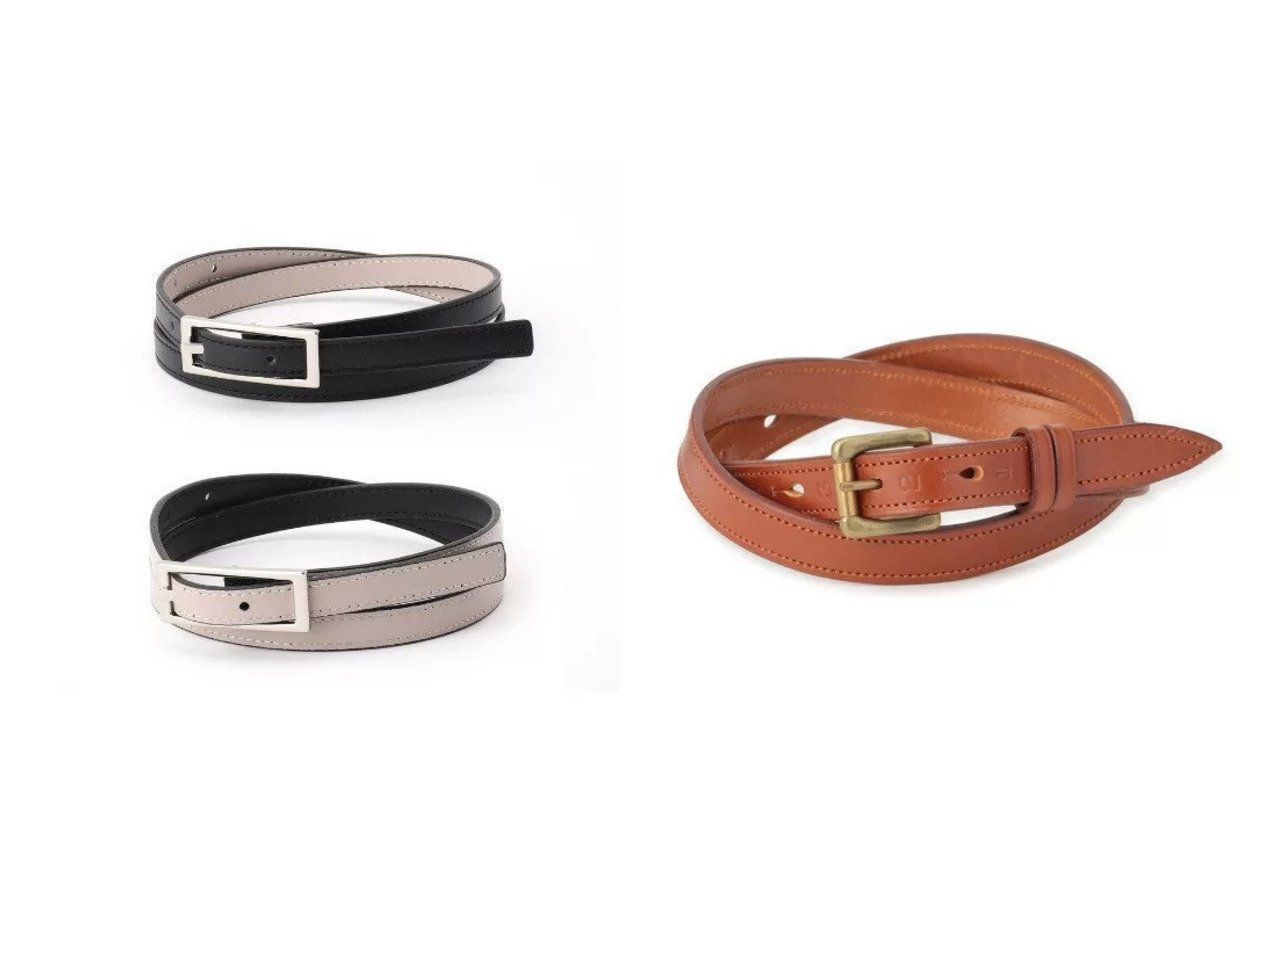 【INDIVI/インディヴィ】のリバーシブルナローベルト&【SCYE BASICS/サイ ベーシックス】のBridle Leather Number Belt おすすめ!人気、トレンド・レディースファッションの通販 おすすめで人気の流行・トレンド、ファッションの通販商品 メンズファッション・キッズファッション・インテリア・家具・レディースファッション・服の通販 founy(ファニー) https://founy.com/ ファッション Fashion レディースファッション WOMEN ベルト Belts シルバー シンプル スクエア リバーシブル |ID:crp329100000013334